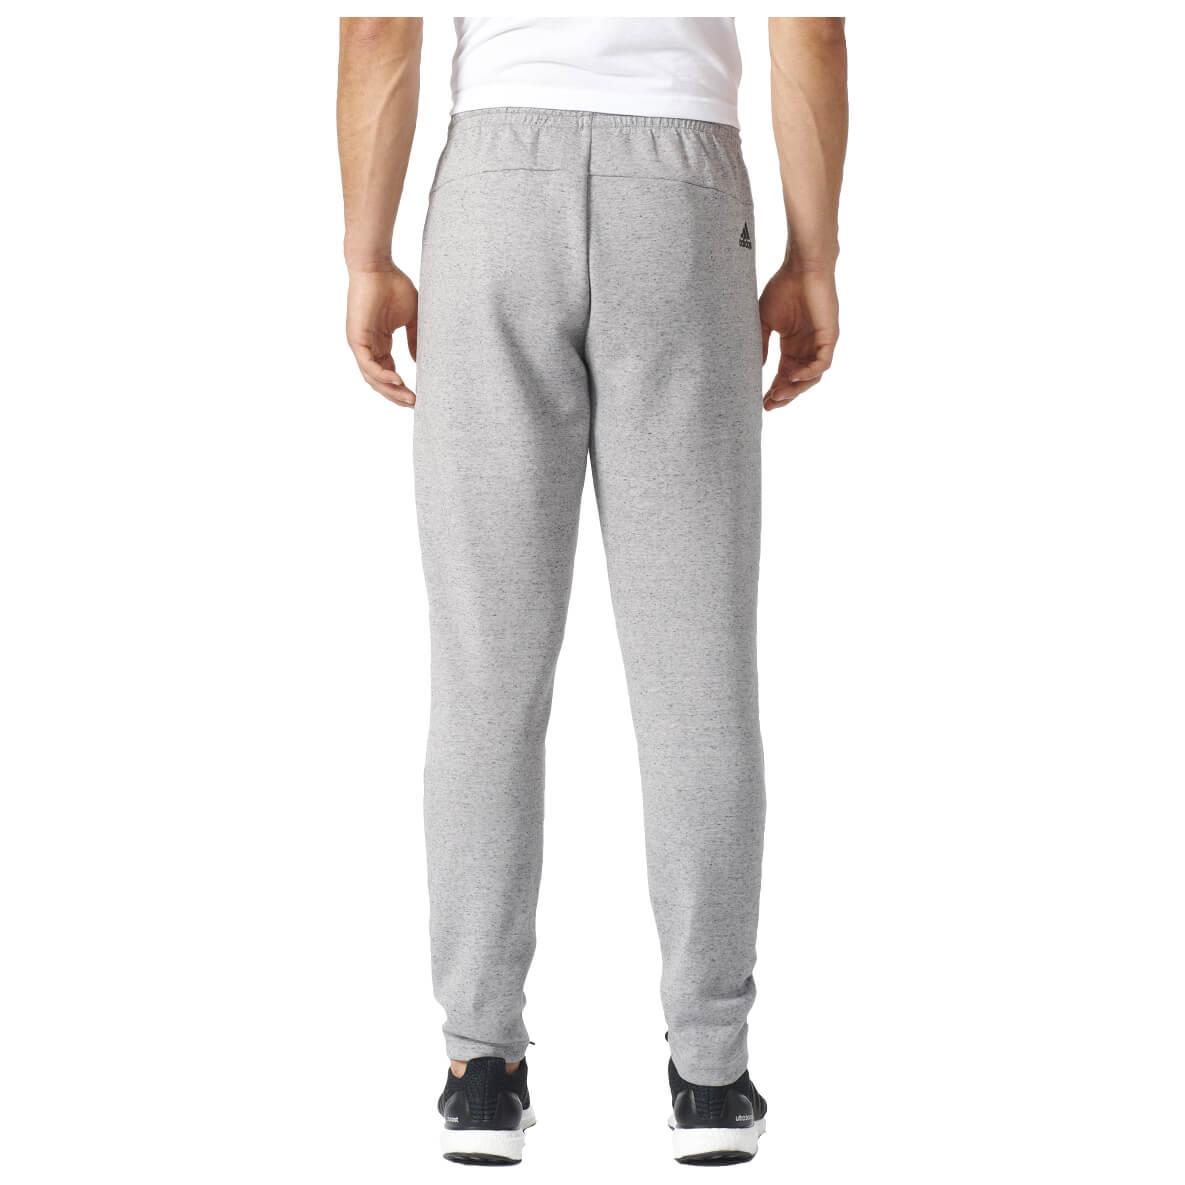 Stadium Pantalons Homme Achat En Id Pant Adidas D'entraînement qCR85w